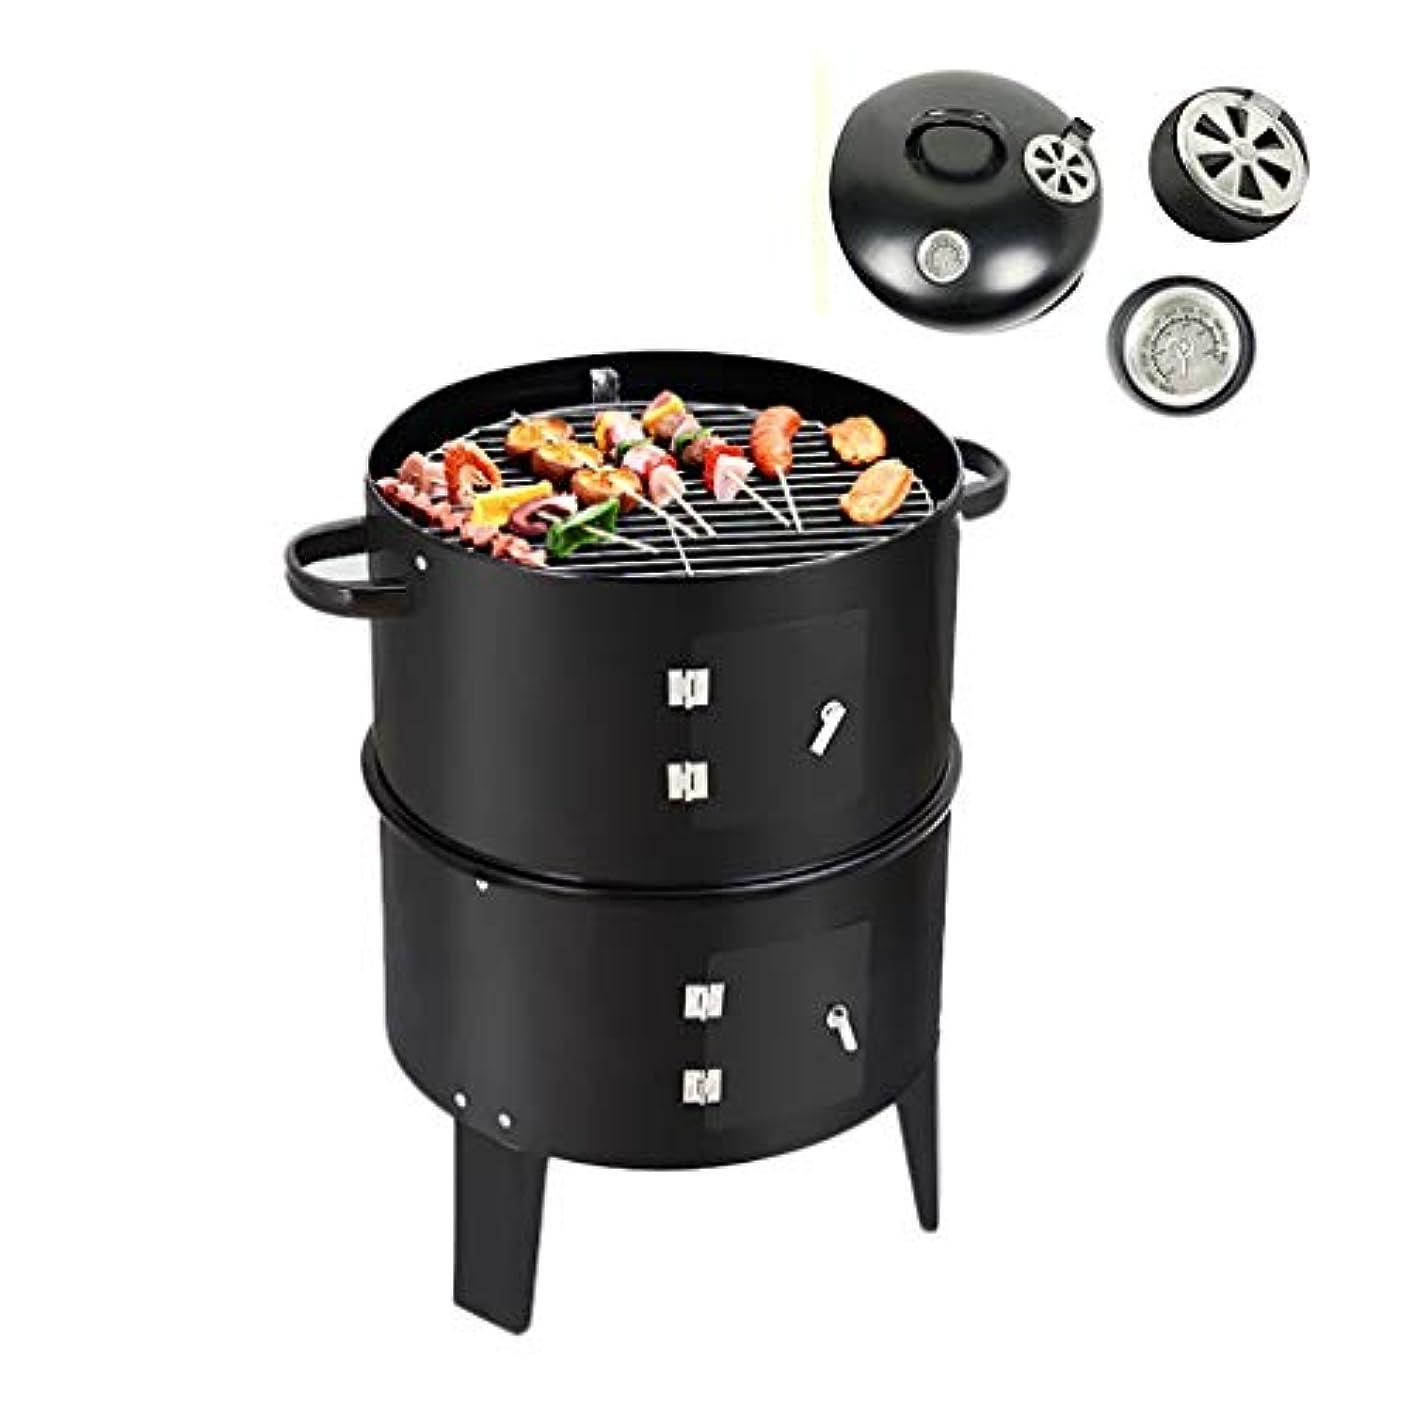 アンビエント晩ごはんうまくいけばバーベキューコンロ 3で1つの二重層バーベキューグリル(5人用)、 多機能屋外スモークオーブン、 商業/家/パティオの裏庭の調理のための煙の肉炉